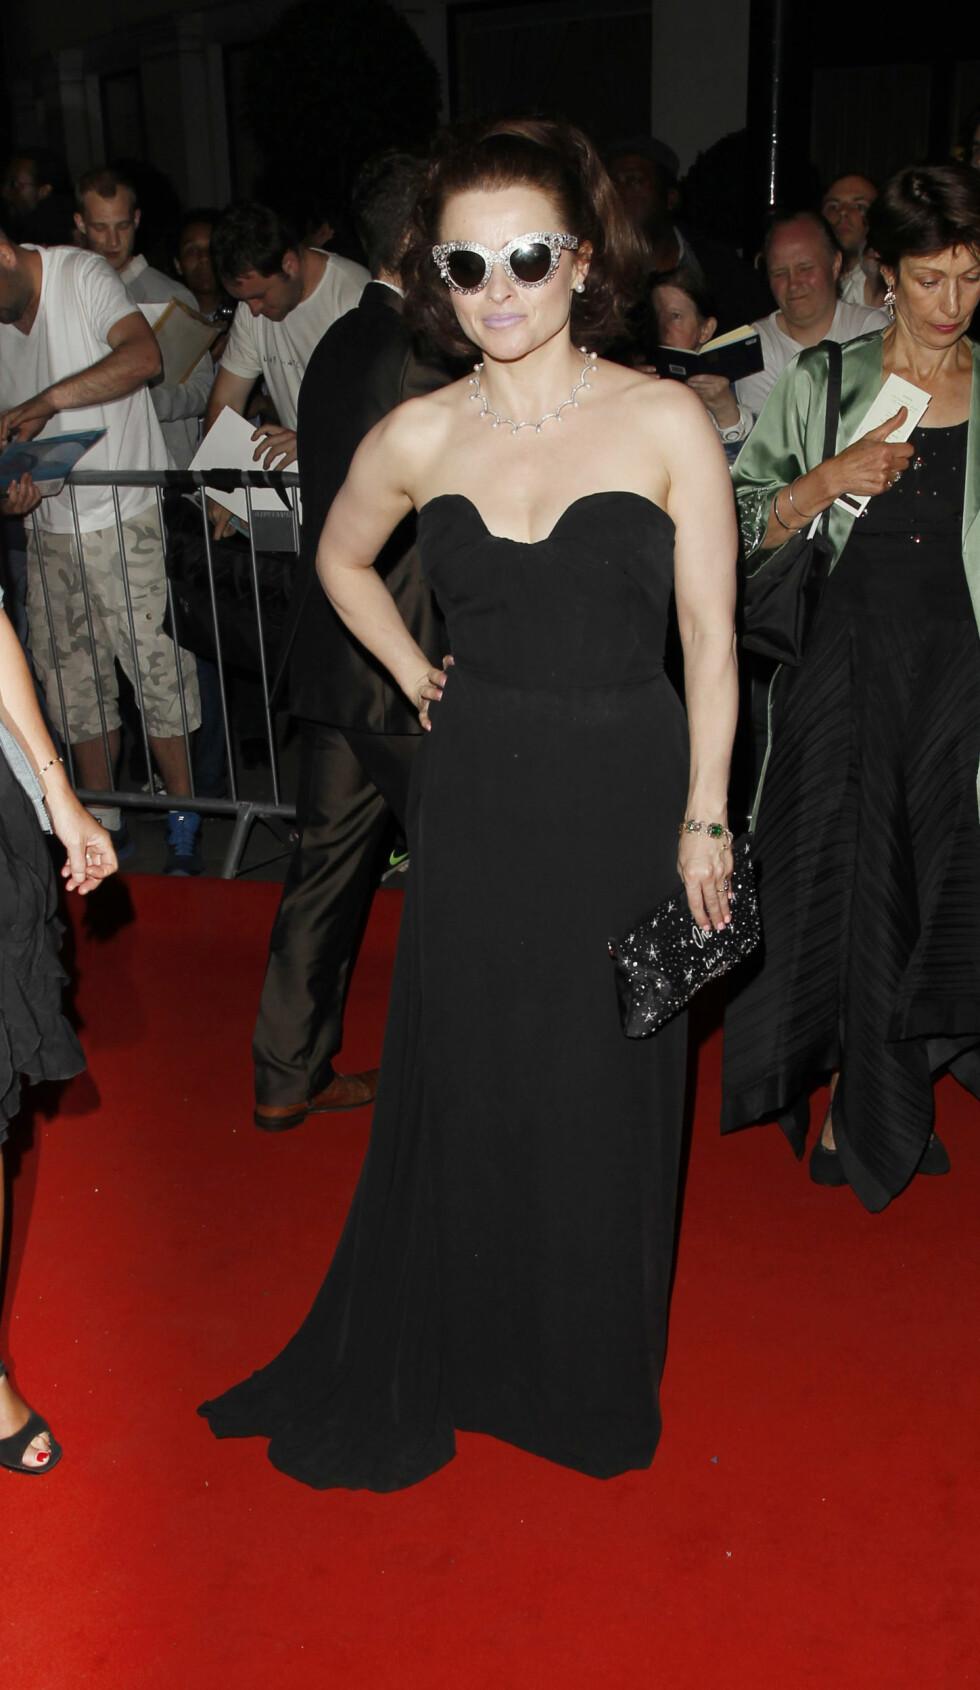 Skuespiller Helena Bonham Carter i kjole fra Vivienne Westwood.  Foto: Jacob / Splash News/ All Over Pr